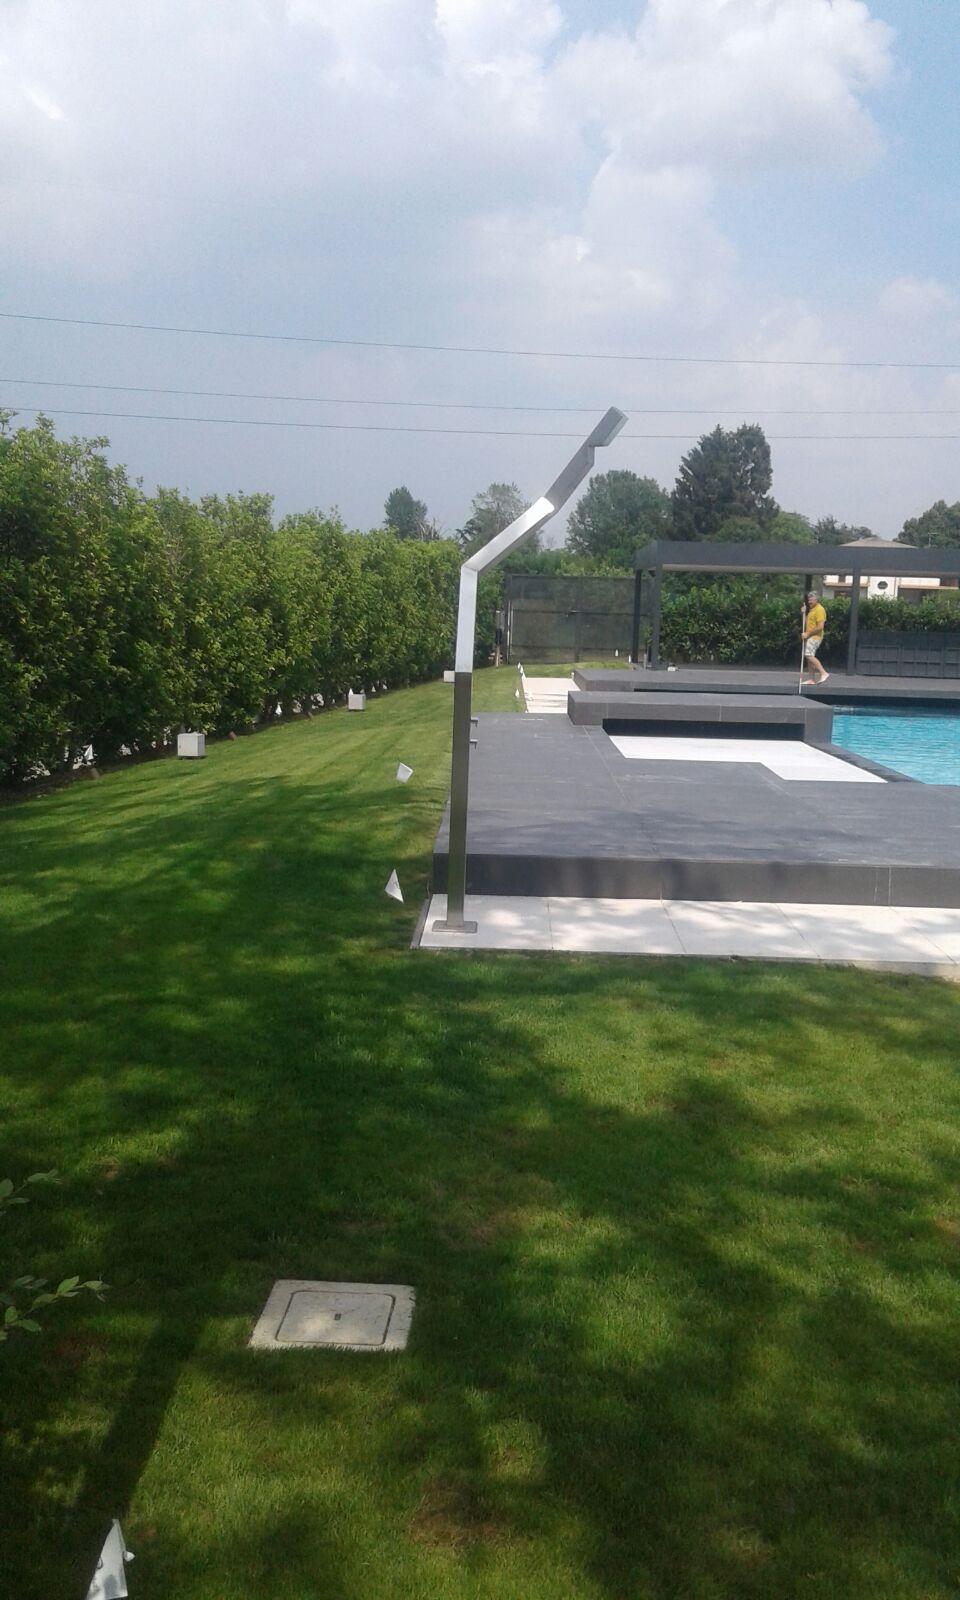 realizziamo impianti piscina Vivai Pistore